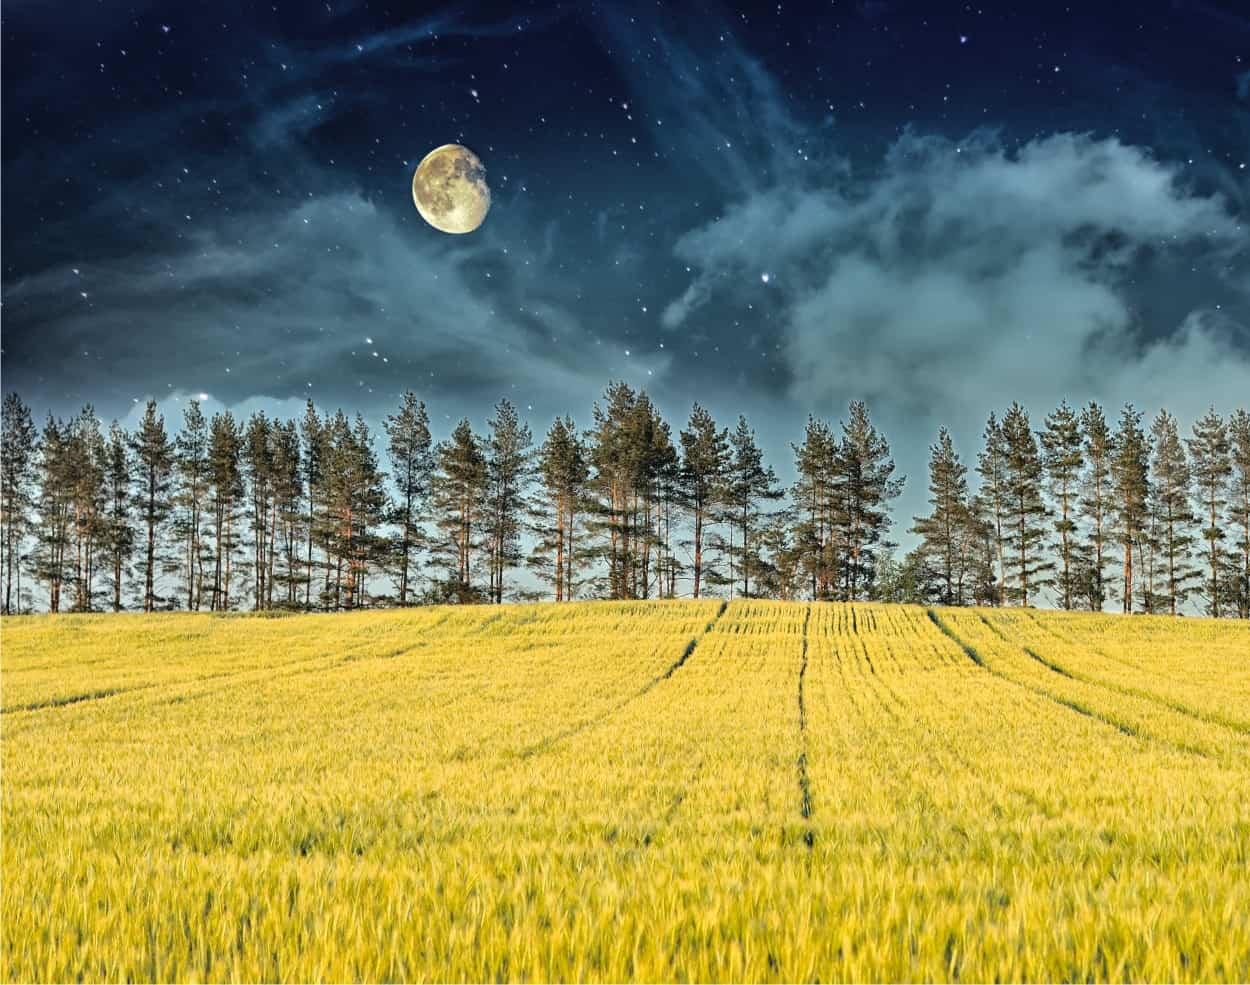 Calendario Lunare Capelli Giugno 2020.Fasi Lunari La Luna Di Oggi E Calendario Lunare 2019 Odc